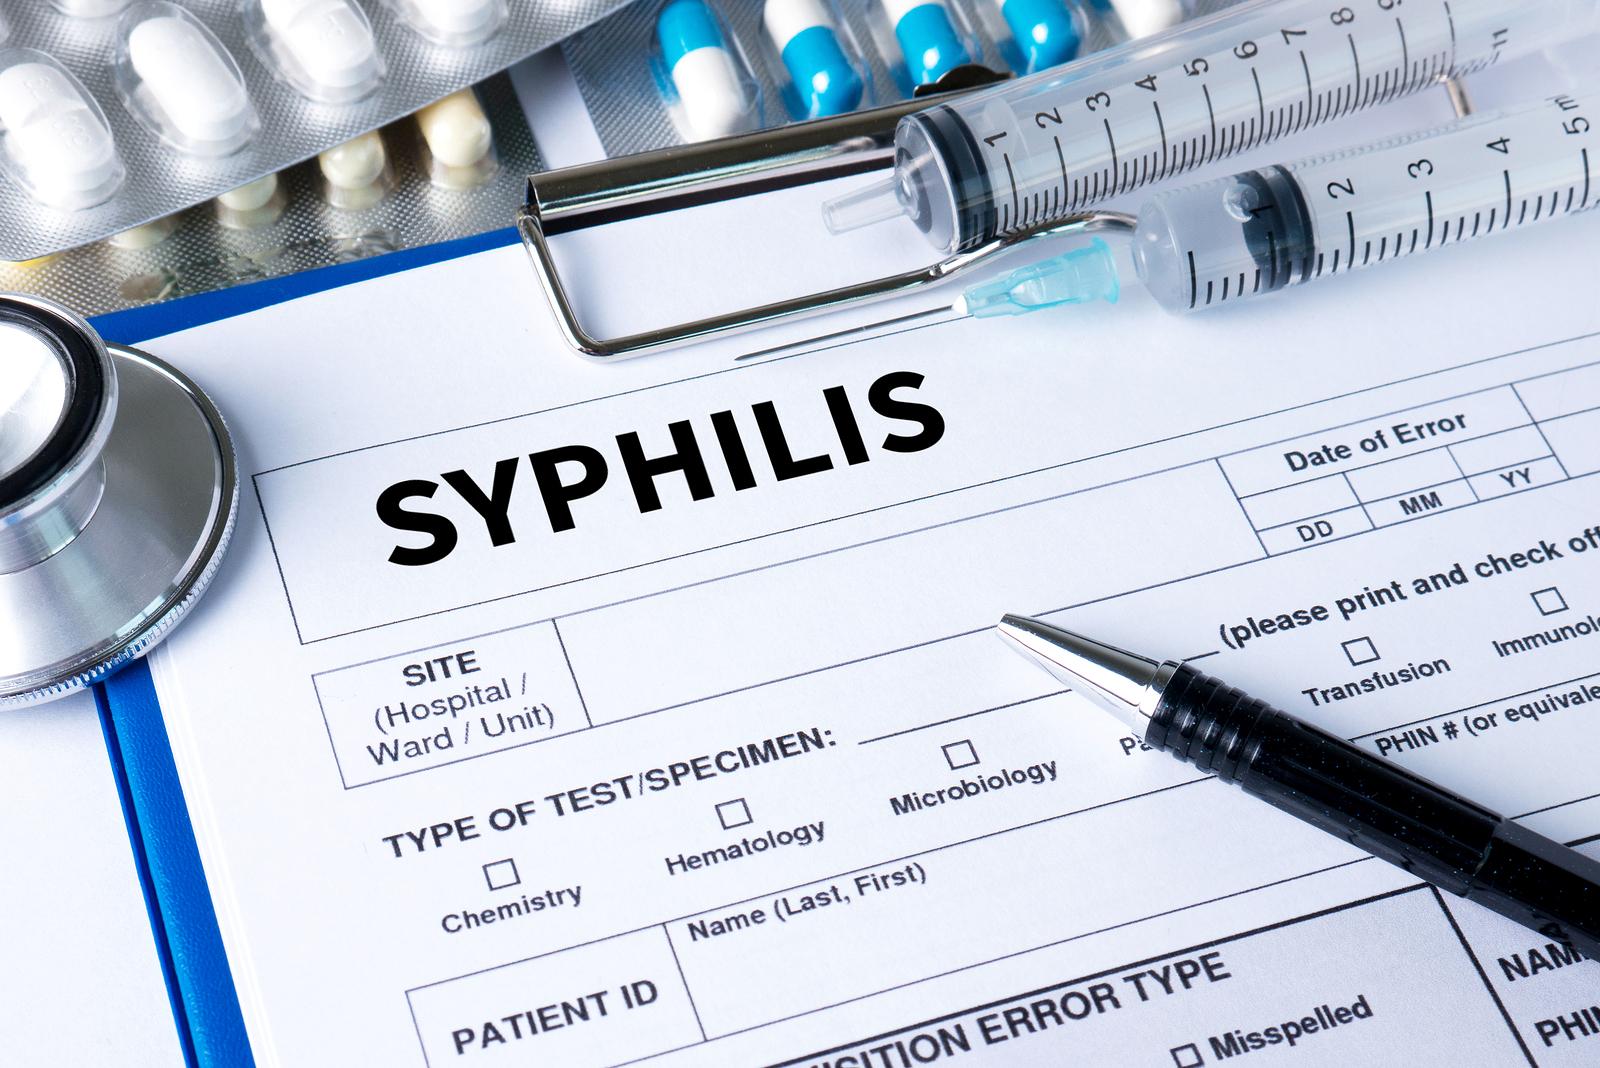 Rapid plasma reagin (RPR) Syphilis